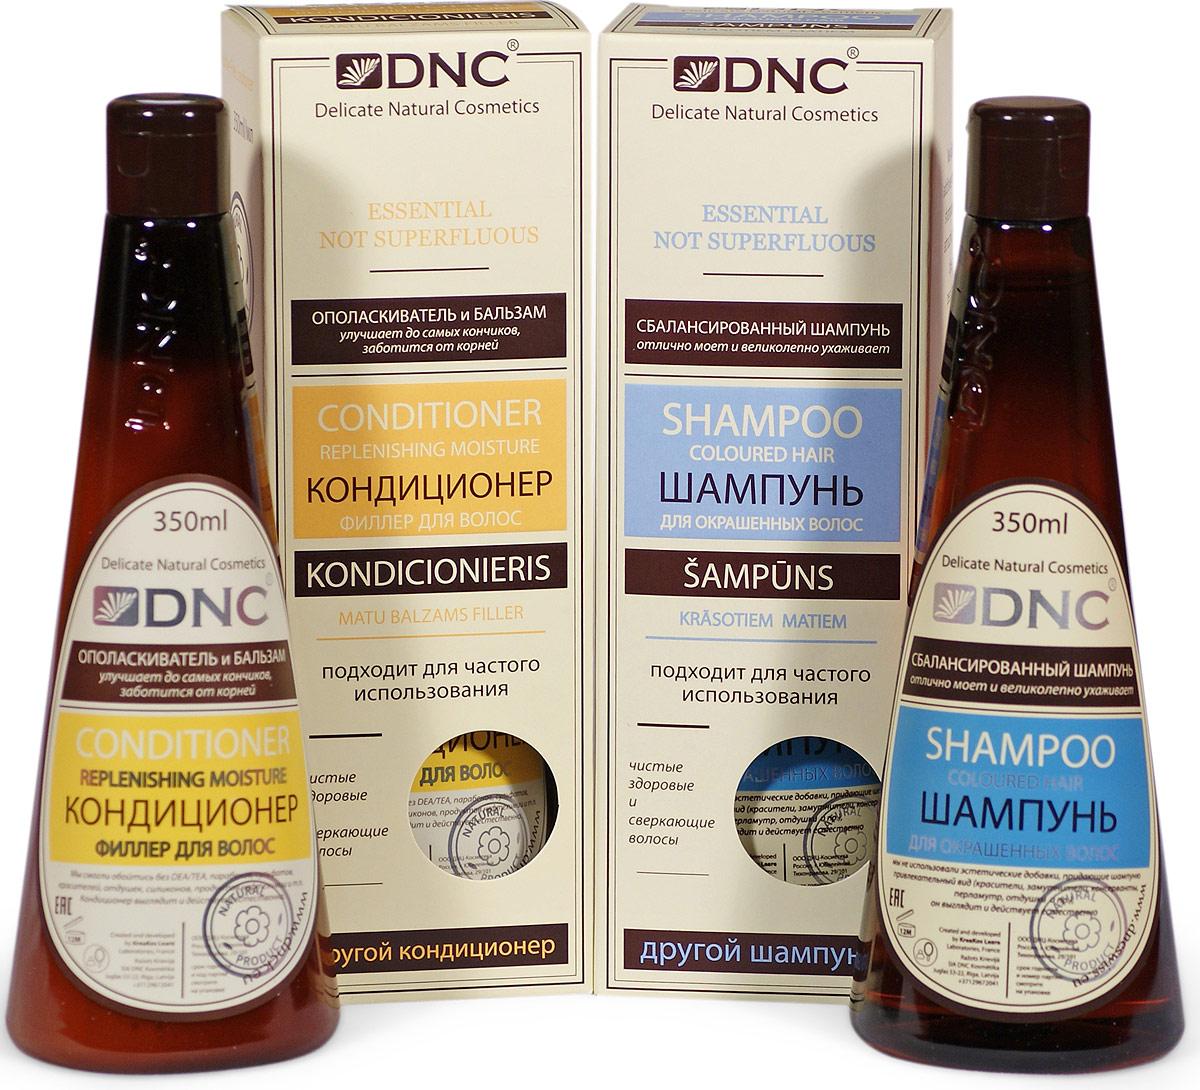 DNC Набор: Шампунь для окрашенных волос, 350 мл, Кондиционер-филлер для волос, 350 мл4751028208560Шампунь для Окрашенных Волос, 350 мл: Все что возможно и ничего лишнего. Виртуозно подобранное сочетание мягких очищающих компонентов. Они взаимно дополняют активность друг друга, компенсируя и нейтрализуя раздражающее действие. Встроенные в моющую систему натуральные защитные и восстанавливающие элементы помогают волосам дальше оставаться чистыми, сверкающими и здоровыми. Особое внимание уделено максимально бережному очищению волос. Моющая основа действует мягко, не усугубляя повреждения кутикул волос, неизбежно травмируемой при окрашивании. Активный комплекс работает с корнями волос, поддерживая их продуктивную способность. Питает и стимулирует обменные процессы в коже головы. По длине волос ухаживающей системой решается задача по защите цвета, поддержанию здорового блеска и восстановлению секущихся волос.Кондиционер-Филлер для волос 350 мл: Бальзам нежно проходится по волосам от корней до кончиков, питая луковицы, уплотняя и усиливая каждый волосок, заполняя поврежденные чешуйки и увеличивая толщину волос. Окрашенные, пересушенные или очень тонкие по природе волосы получают дополнительный объем, включая в свою структуру специально подготовленные цепочки растительных протеинов. Поверхность волос становится более гладкой, приобретает живой и привлекательный блеск.